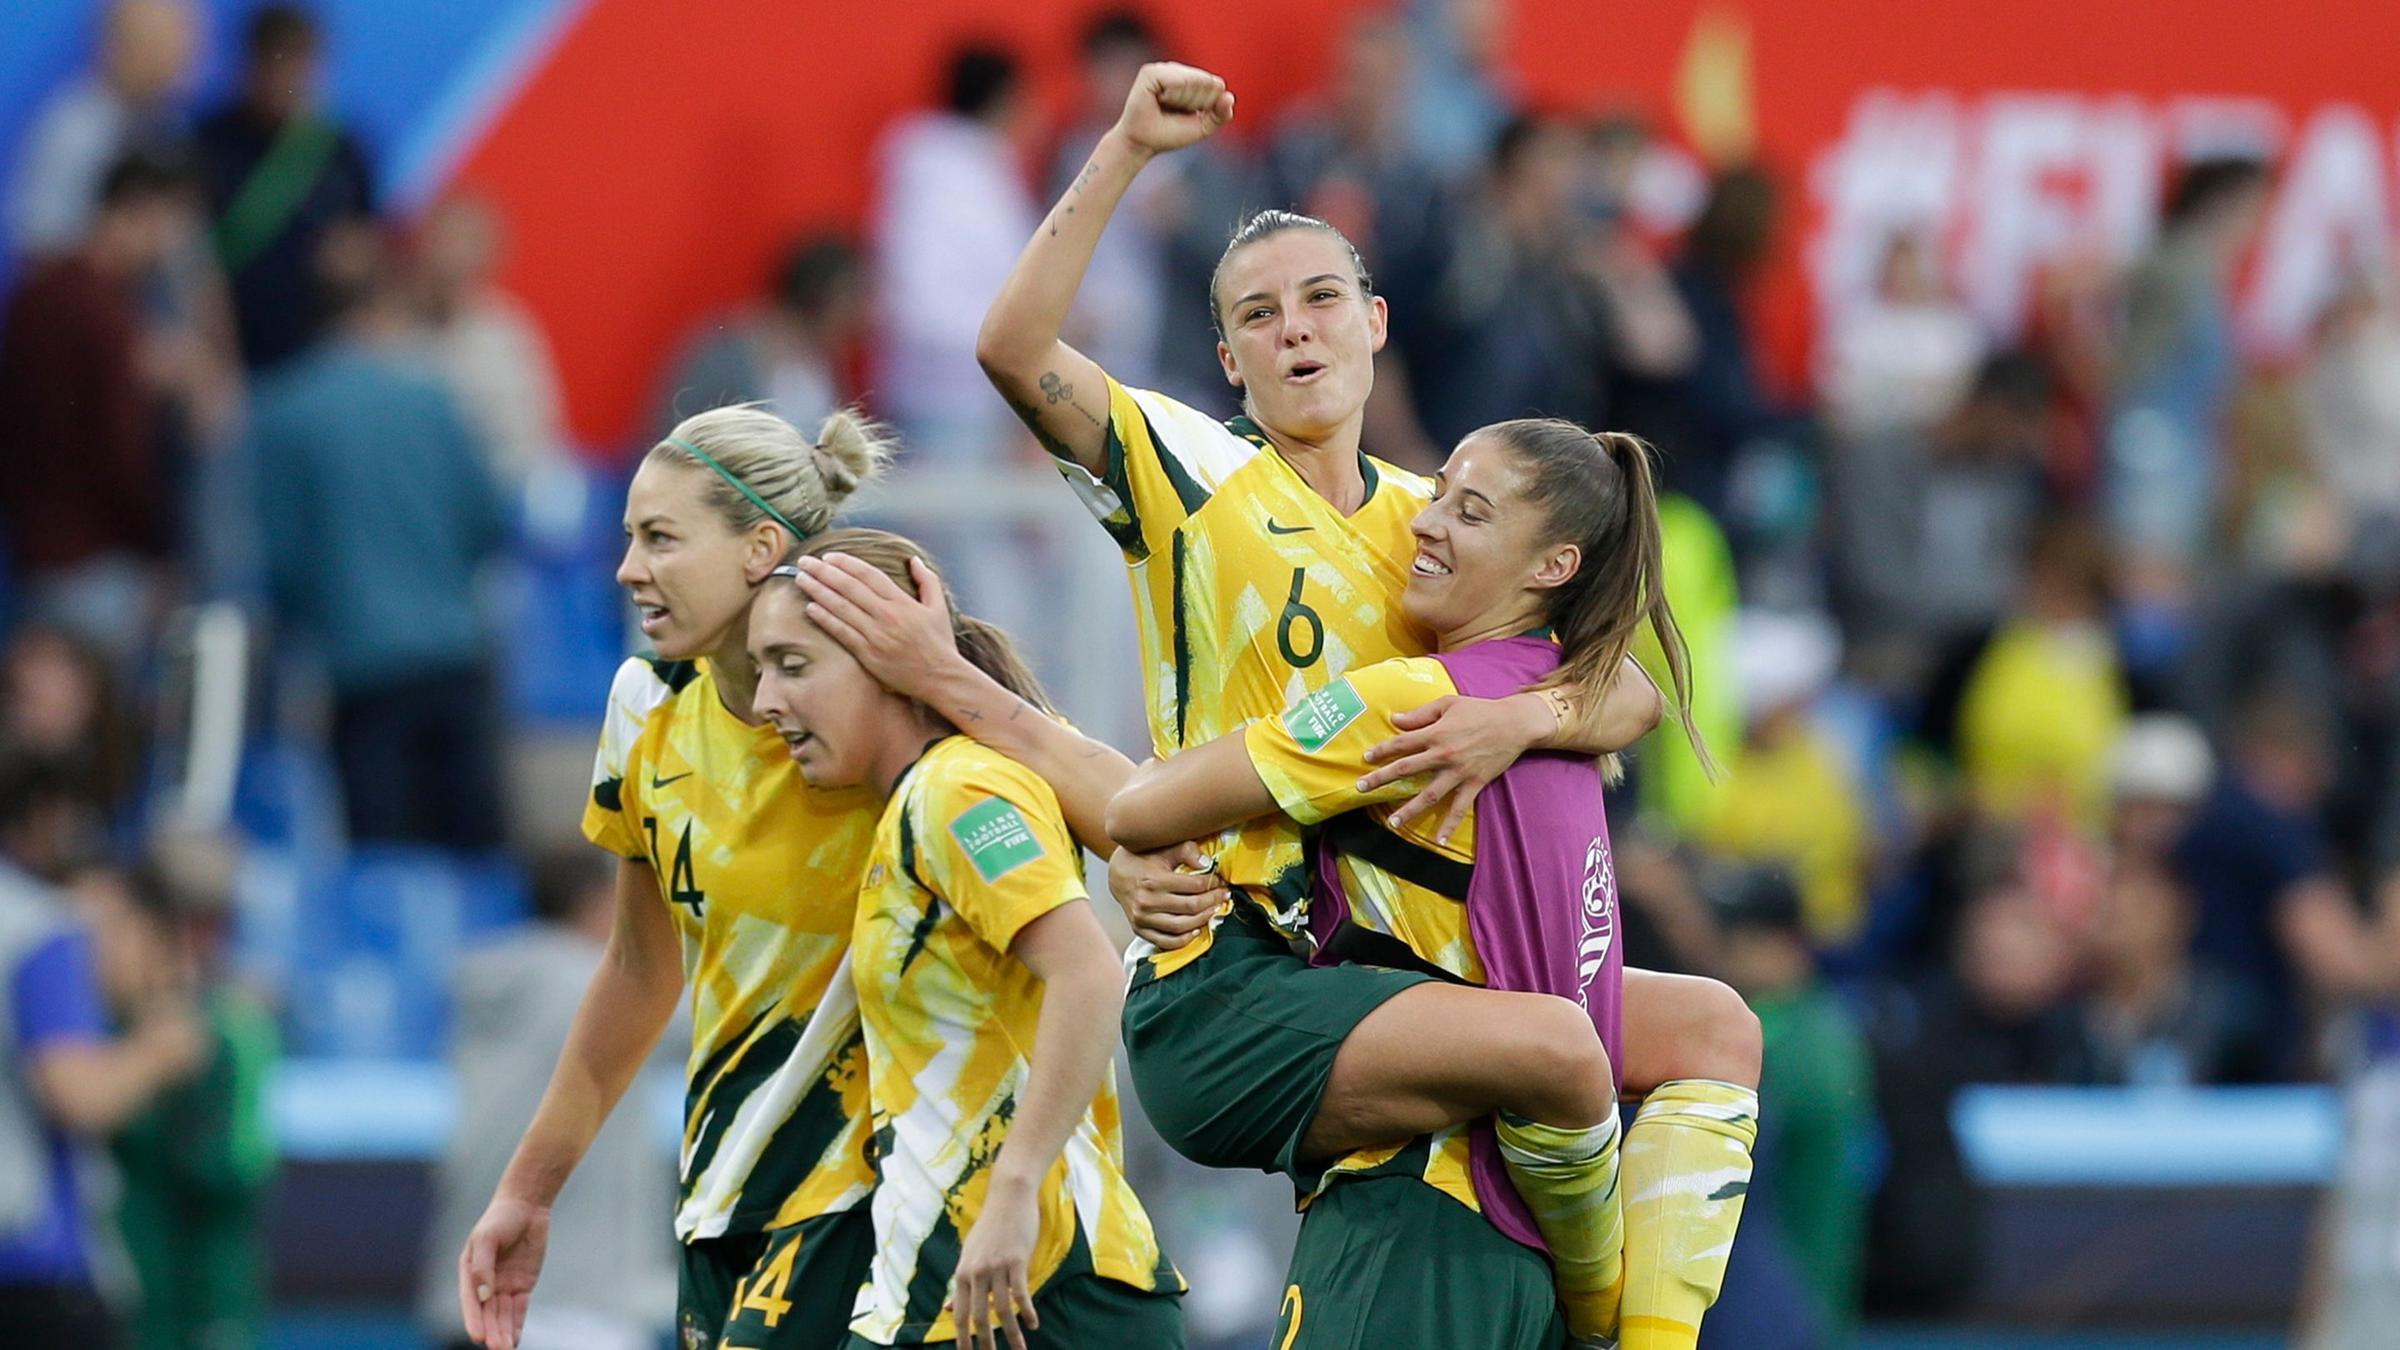 Nationalmannschaft In Australien Gleiches Geld Fur